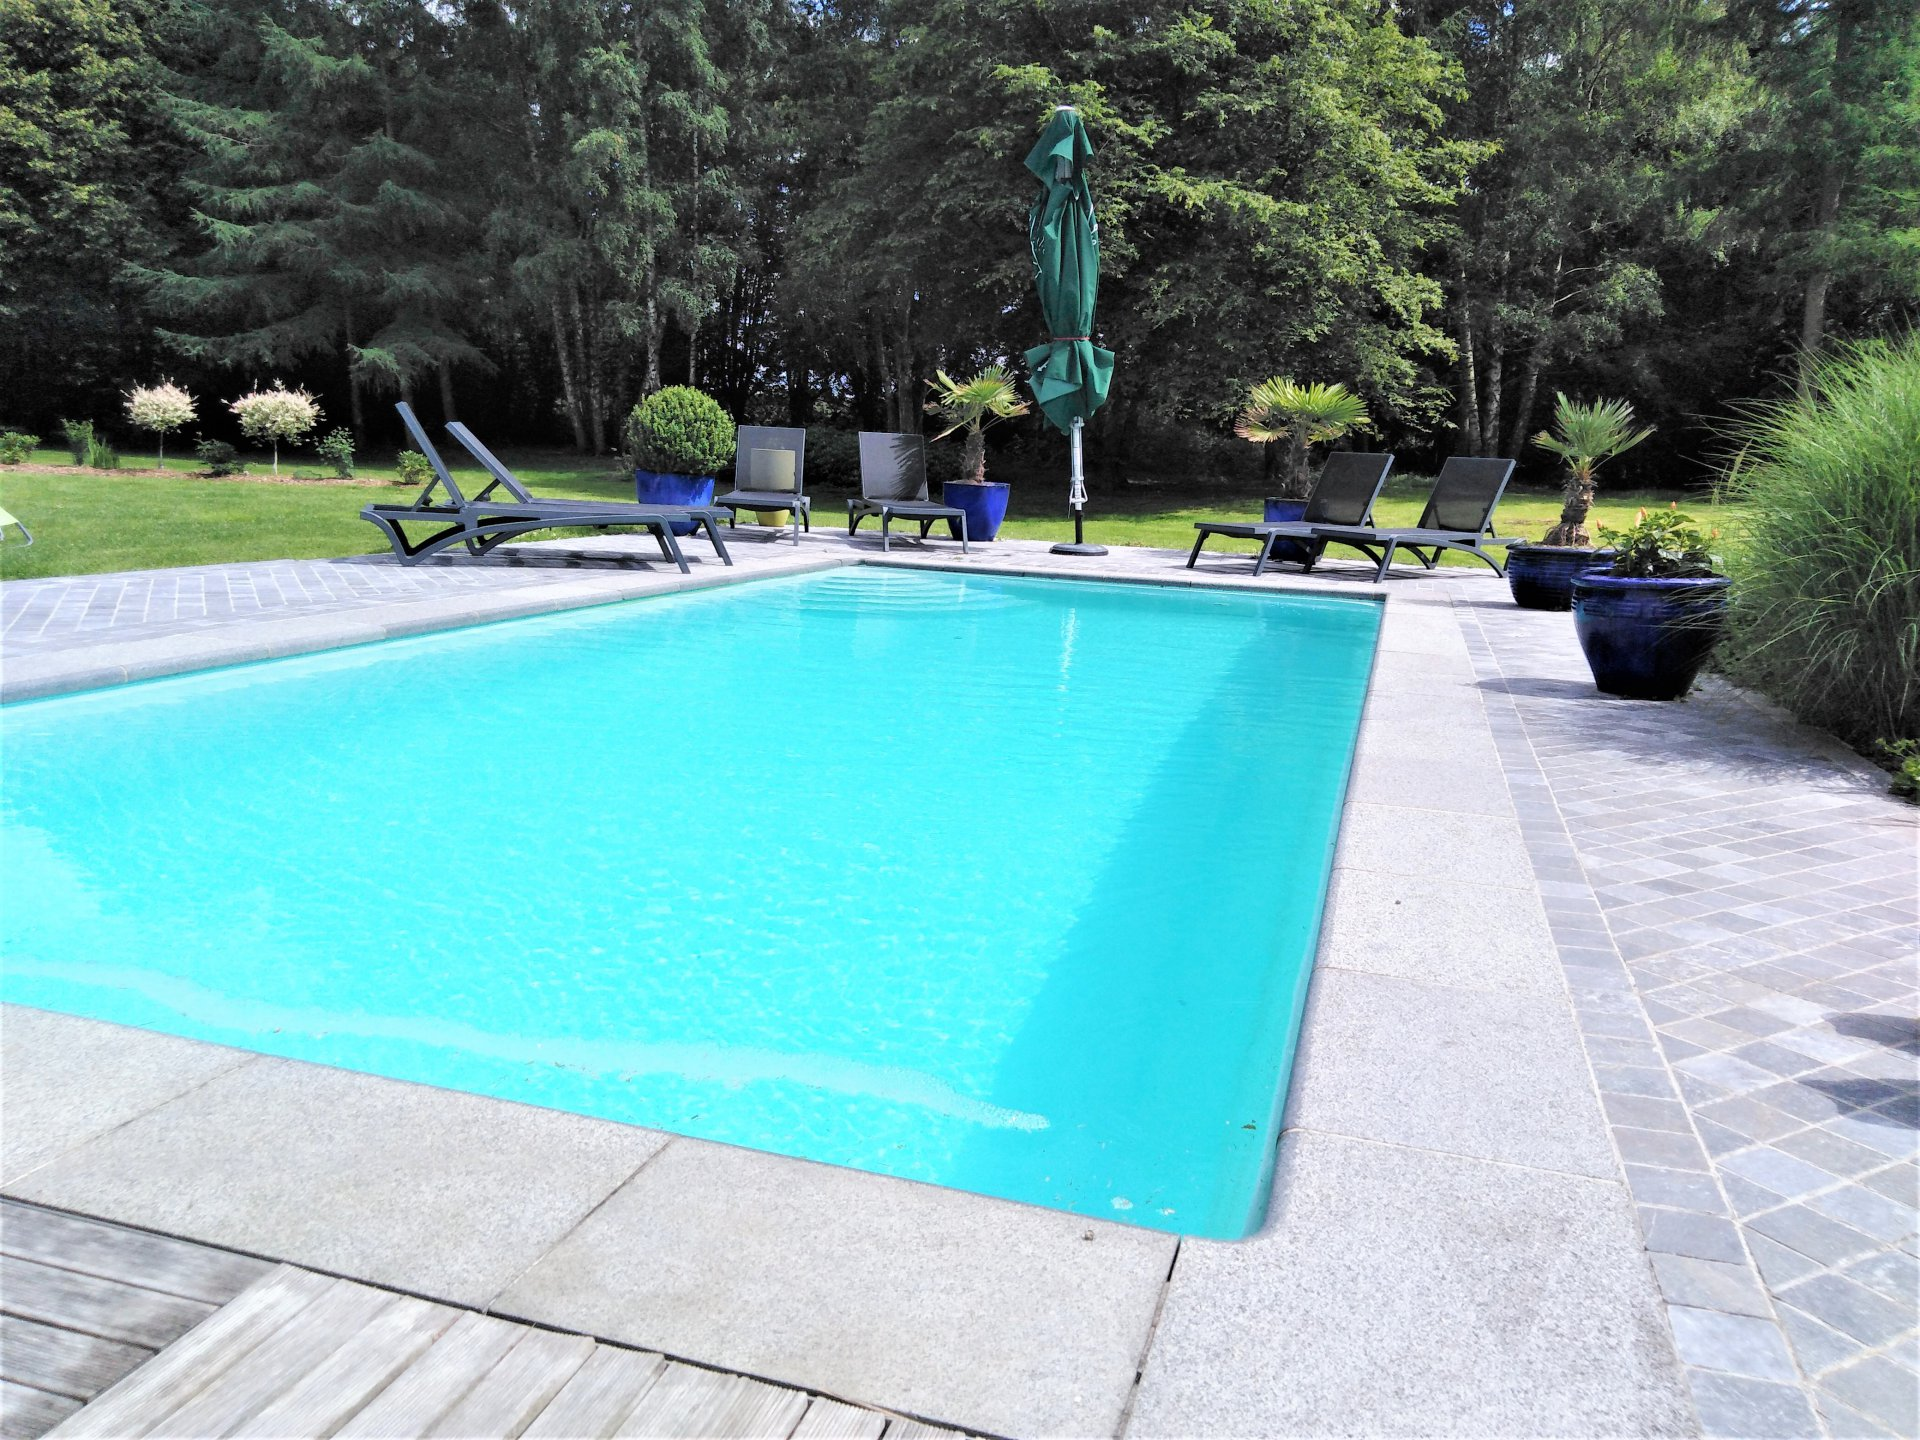 Dans un cadre idyllique avec sa piscine, érigée sur plus d'un hectare de terrain clos et arboré.